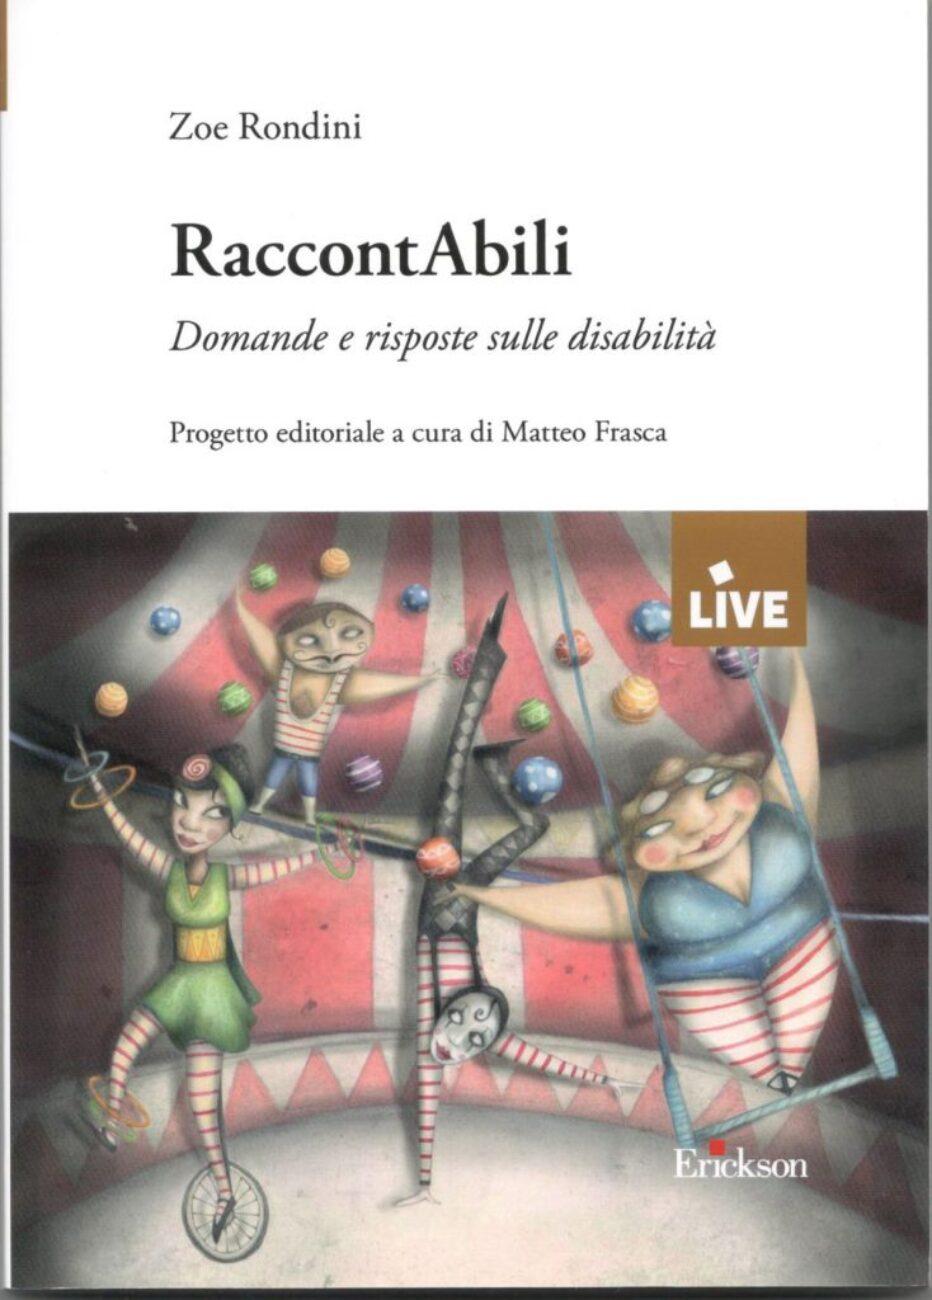 """La disabilità in """"RaccontAbili"""" di Zoe Rondini"""